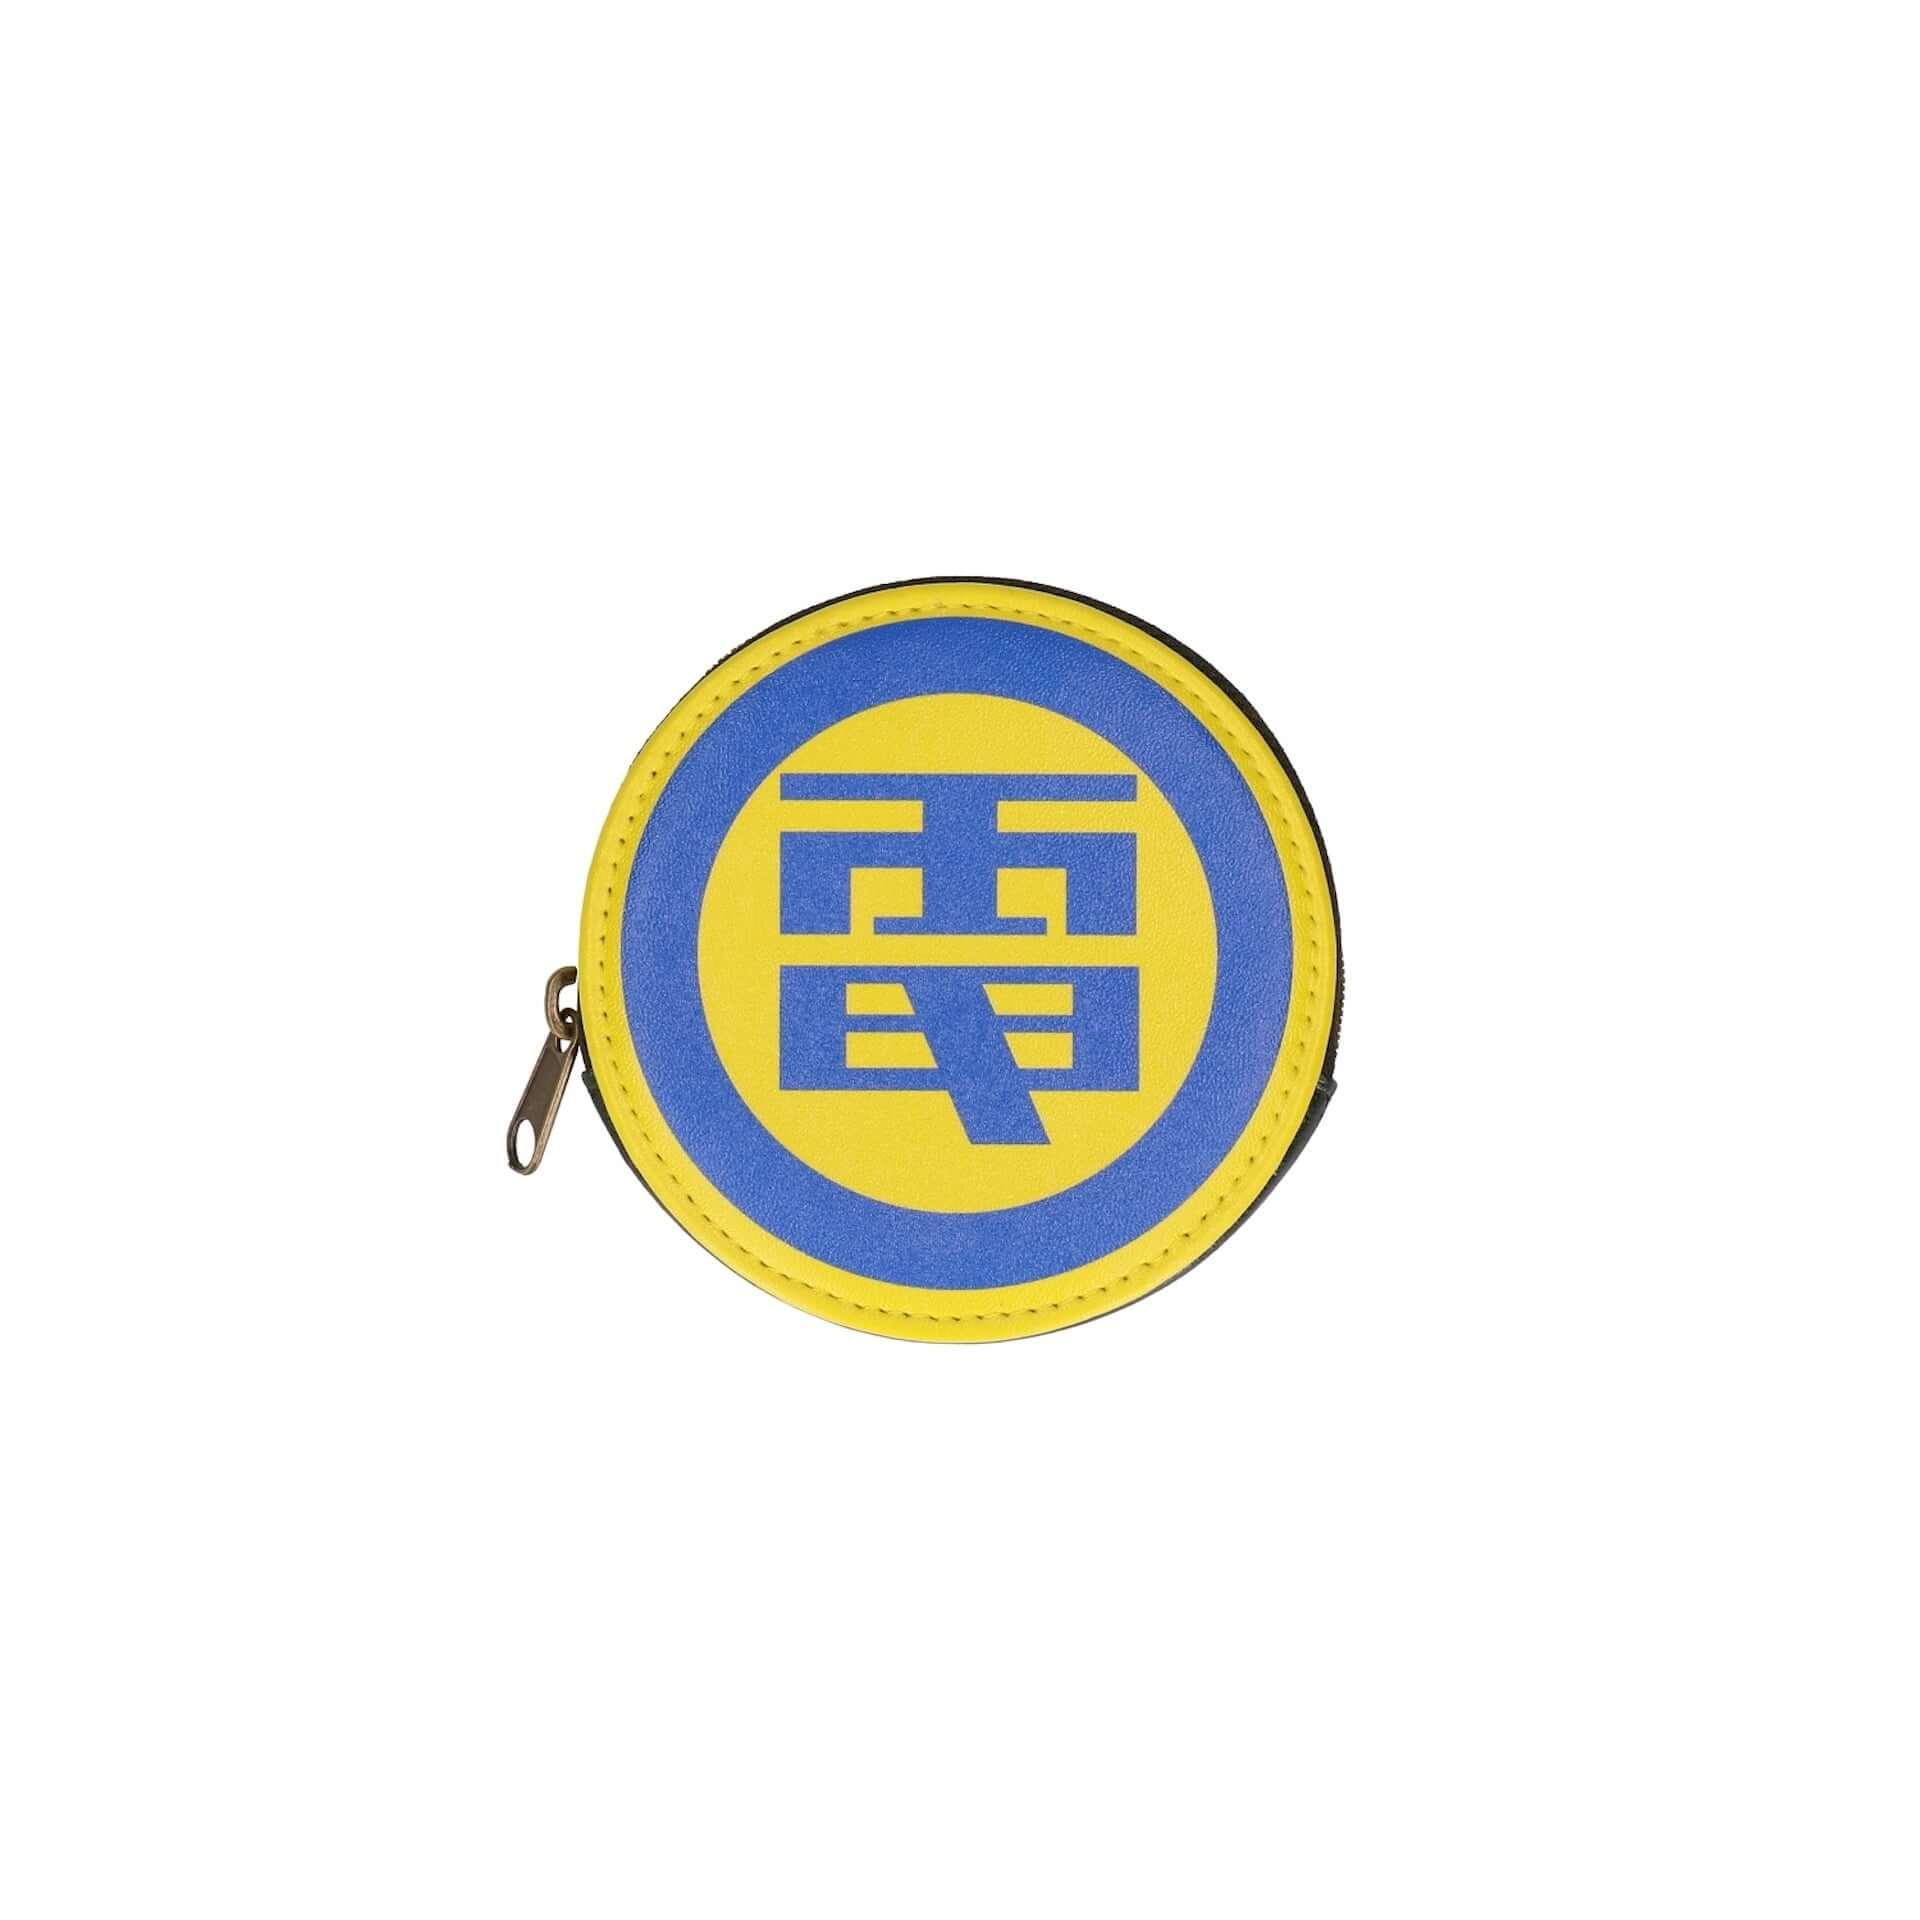 電気グルーヴから今度はビデオメッセージが!新マネジメント会社、SNS&ファンクラブ設立も発表 music191118_machtinc0-1920x1920